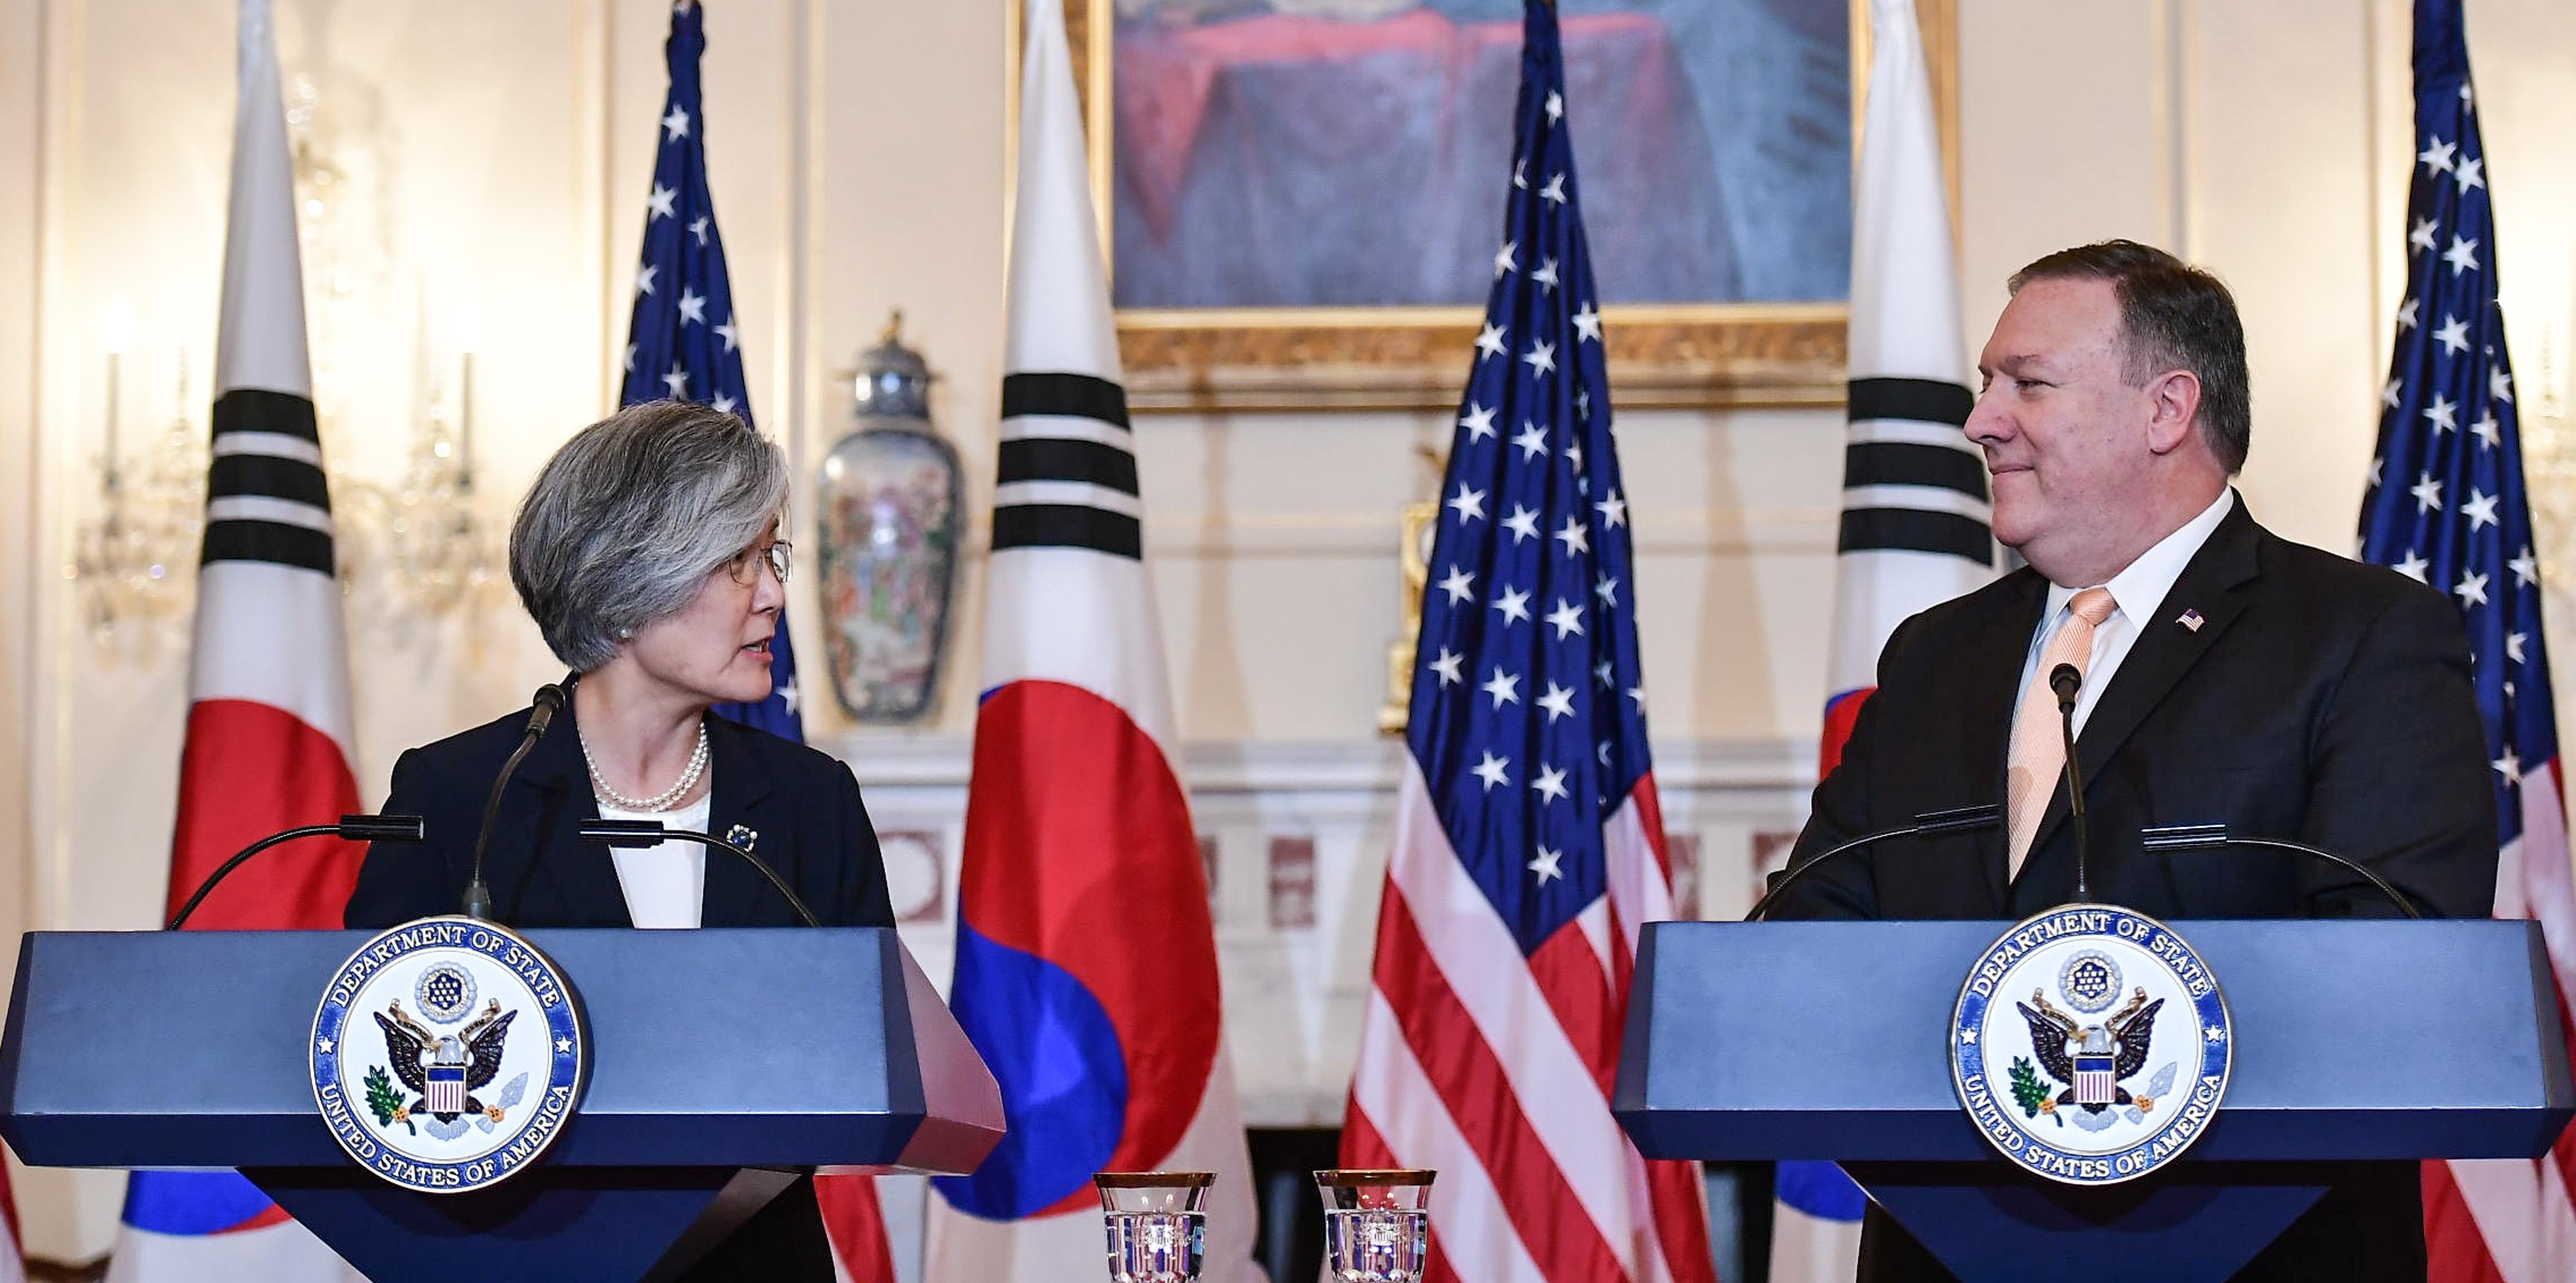 Az USA dél-koreai jómódot ígér Észak-Koreának az atomért cserébe